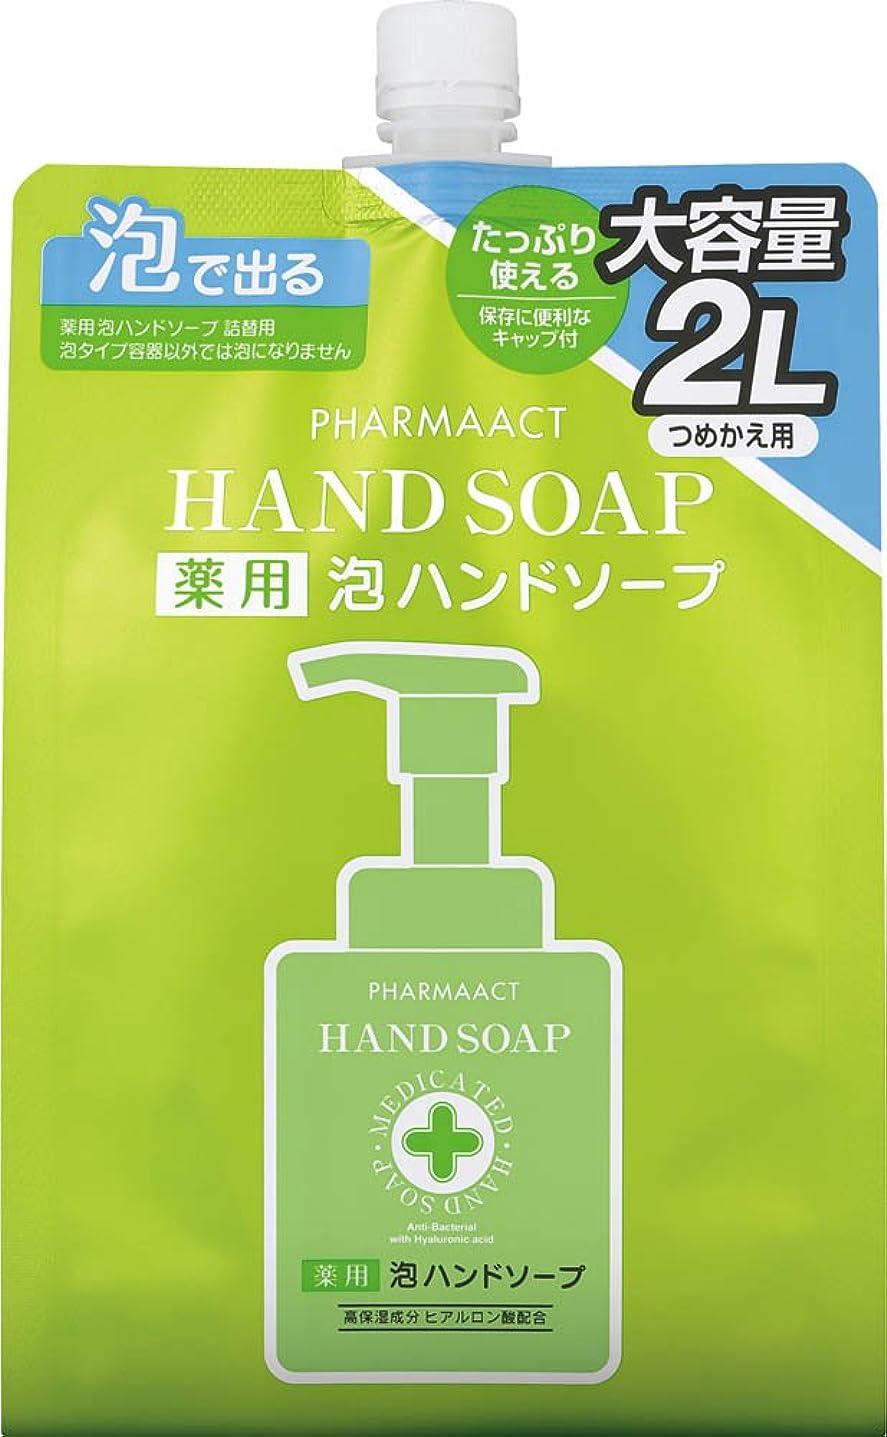 変形する死ぬ餌熊野油脂 PHARMAACT(ファーマアクト) 薬用泡ハンドソープ詰替スパウト付 2L